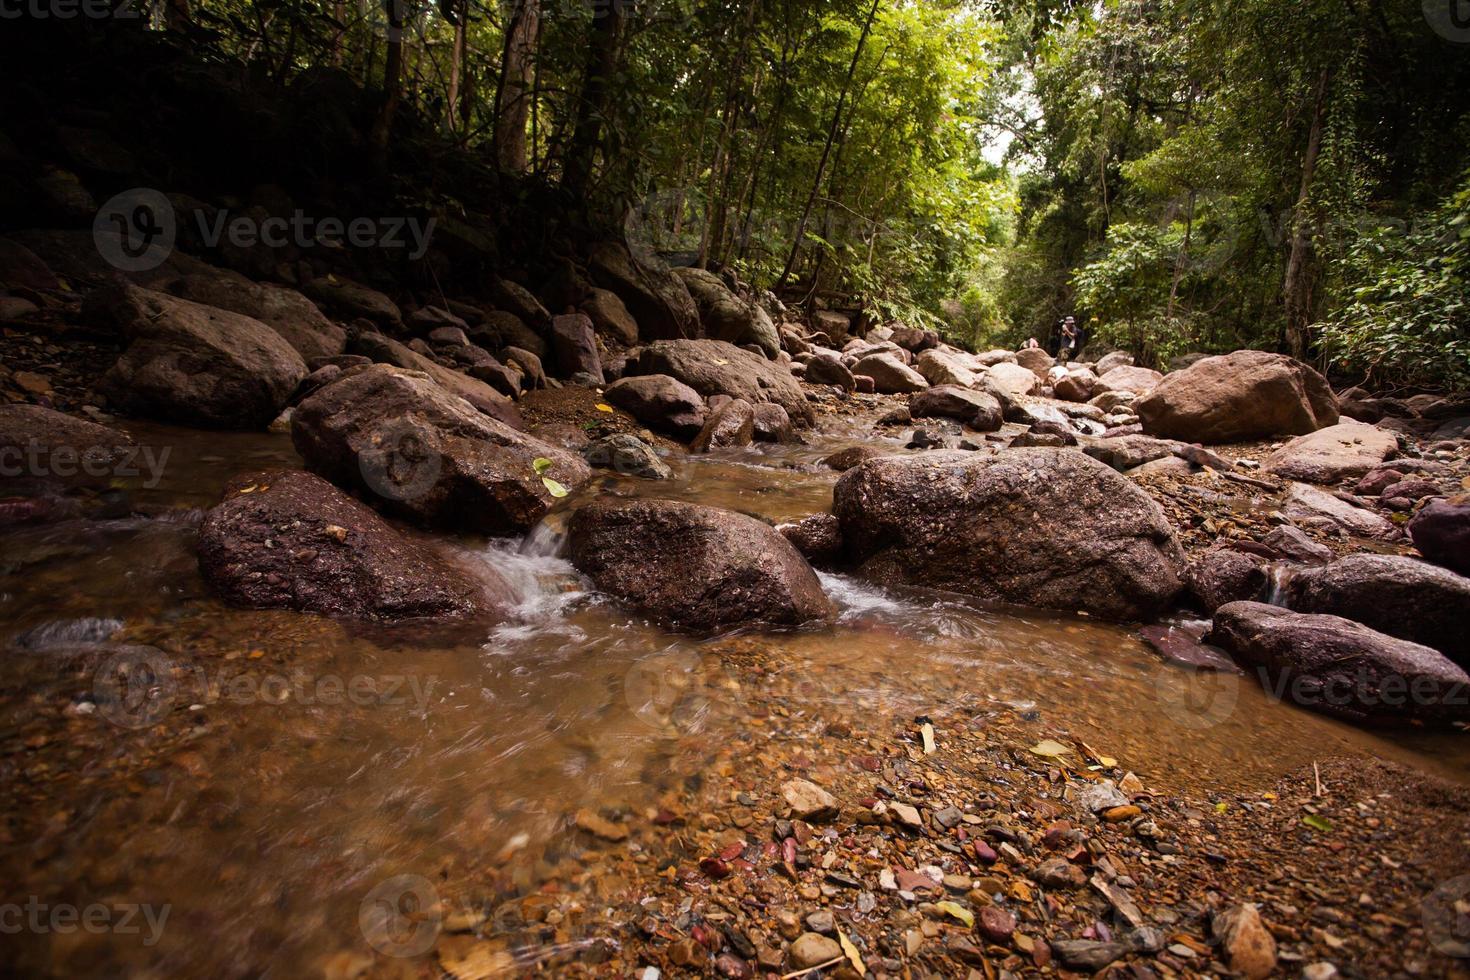 longue exposition sur une rivière et des rochers. photo